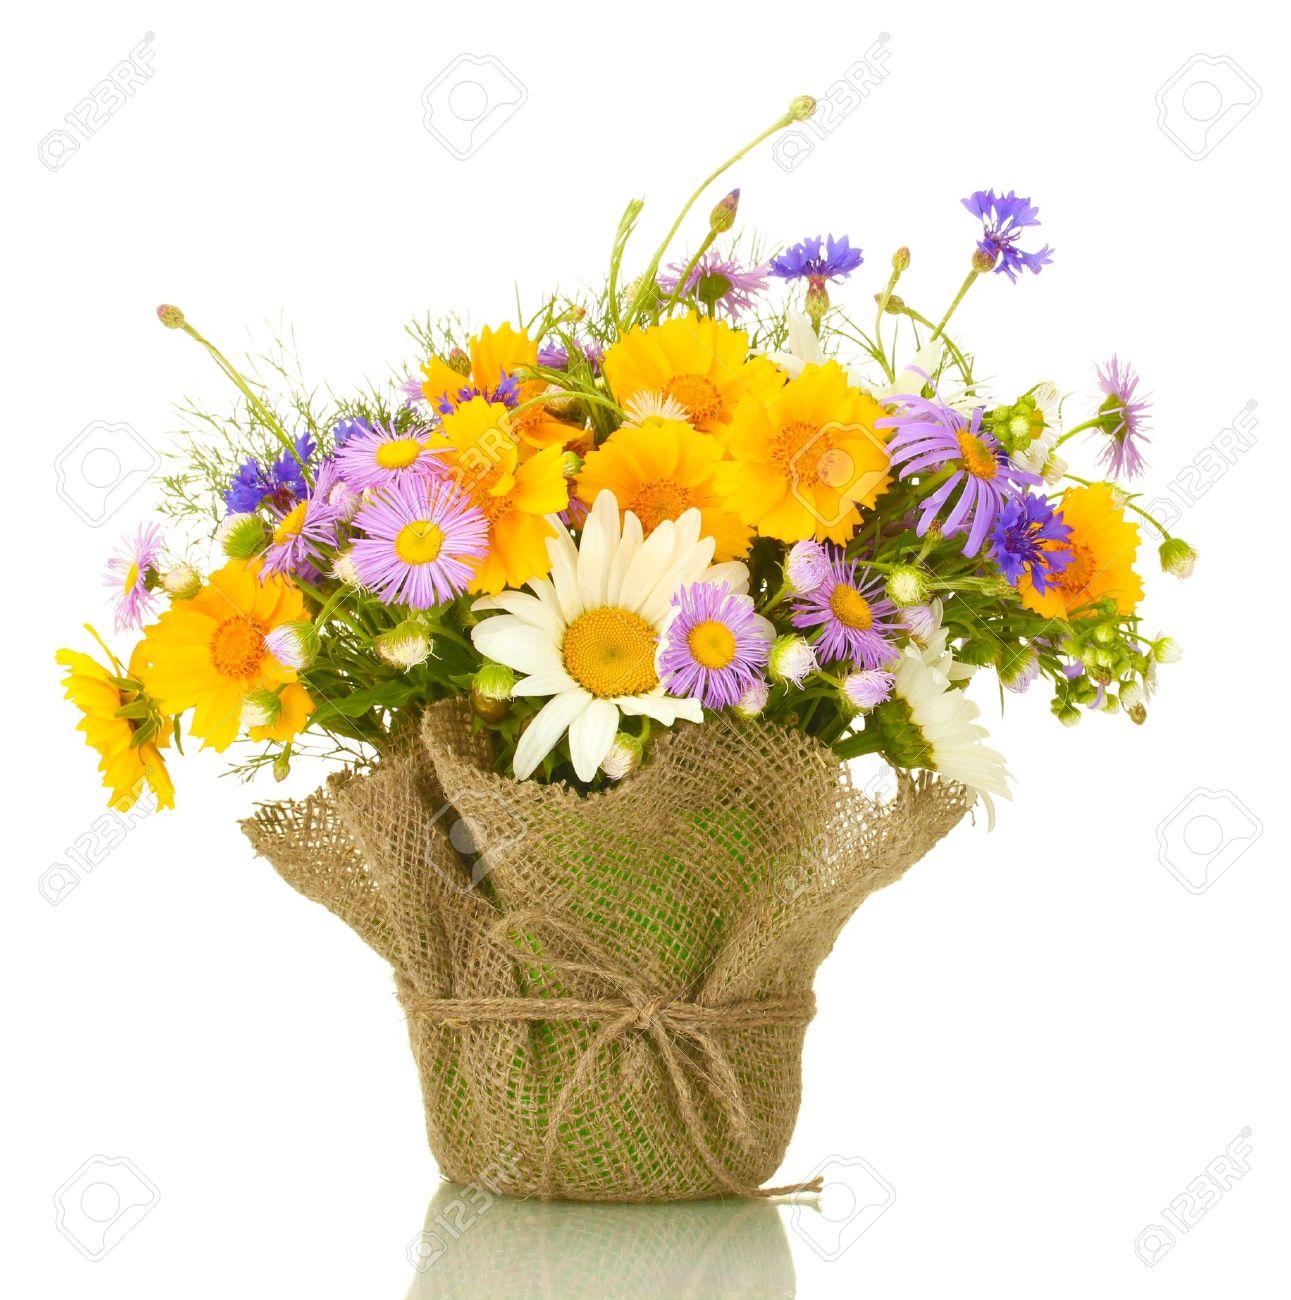 Il était une fois Cévennes, 14352598-beau-bouquet-de-fleurs-sauvages-lumineuses-dans-pot-de-fleurs-isol-sur-blanc-Banque-d'images